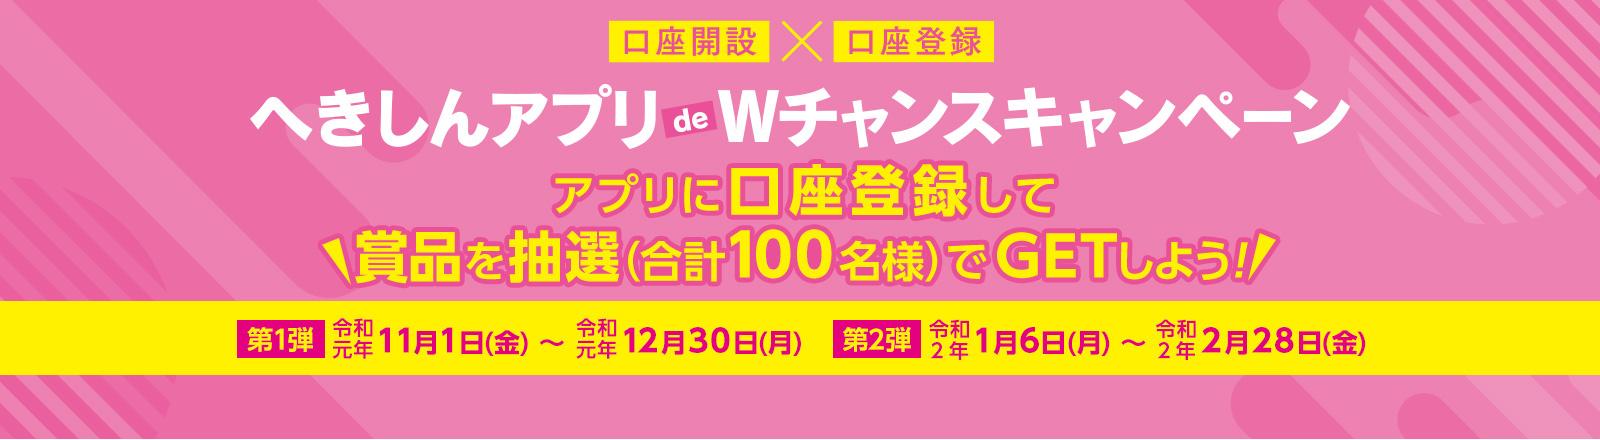 へきしんアプリ de Wチャンスキャンペーン